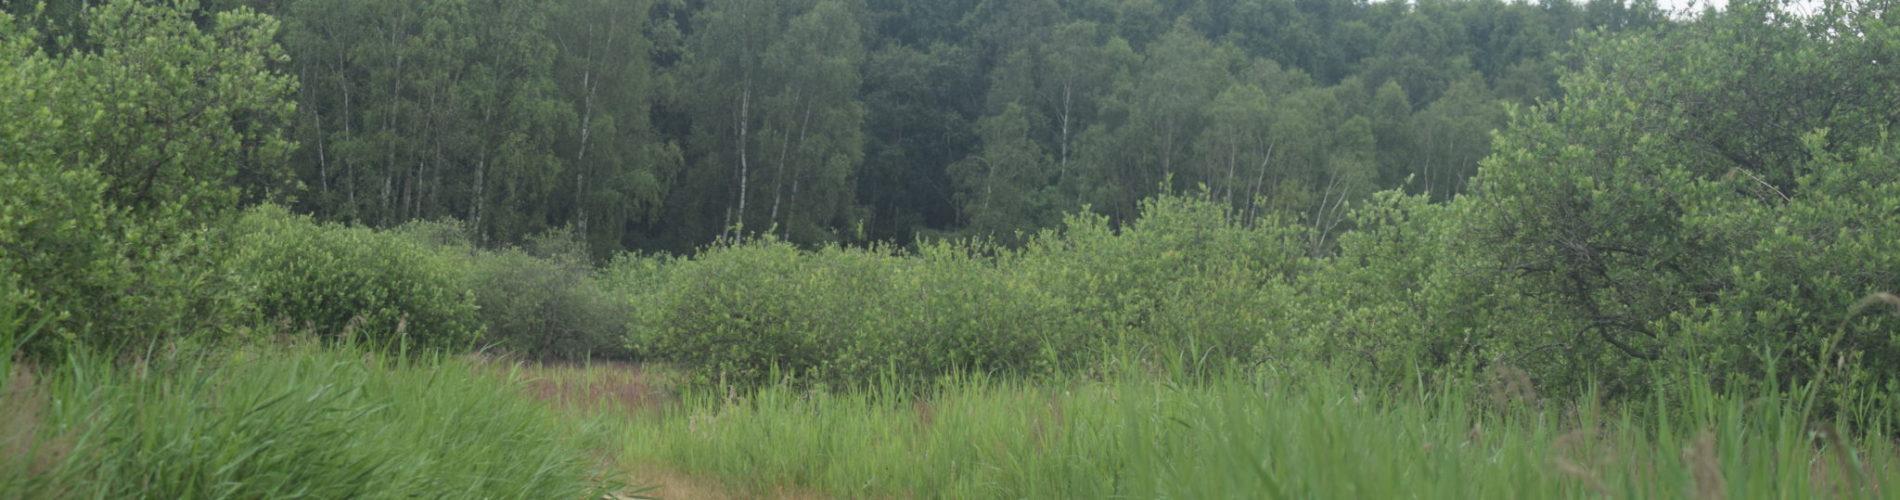 Sti gennem Pinseskoven med Tagrør (Phragmites australis) og Sejle-Pil (Salix caprea).